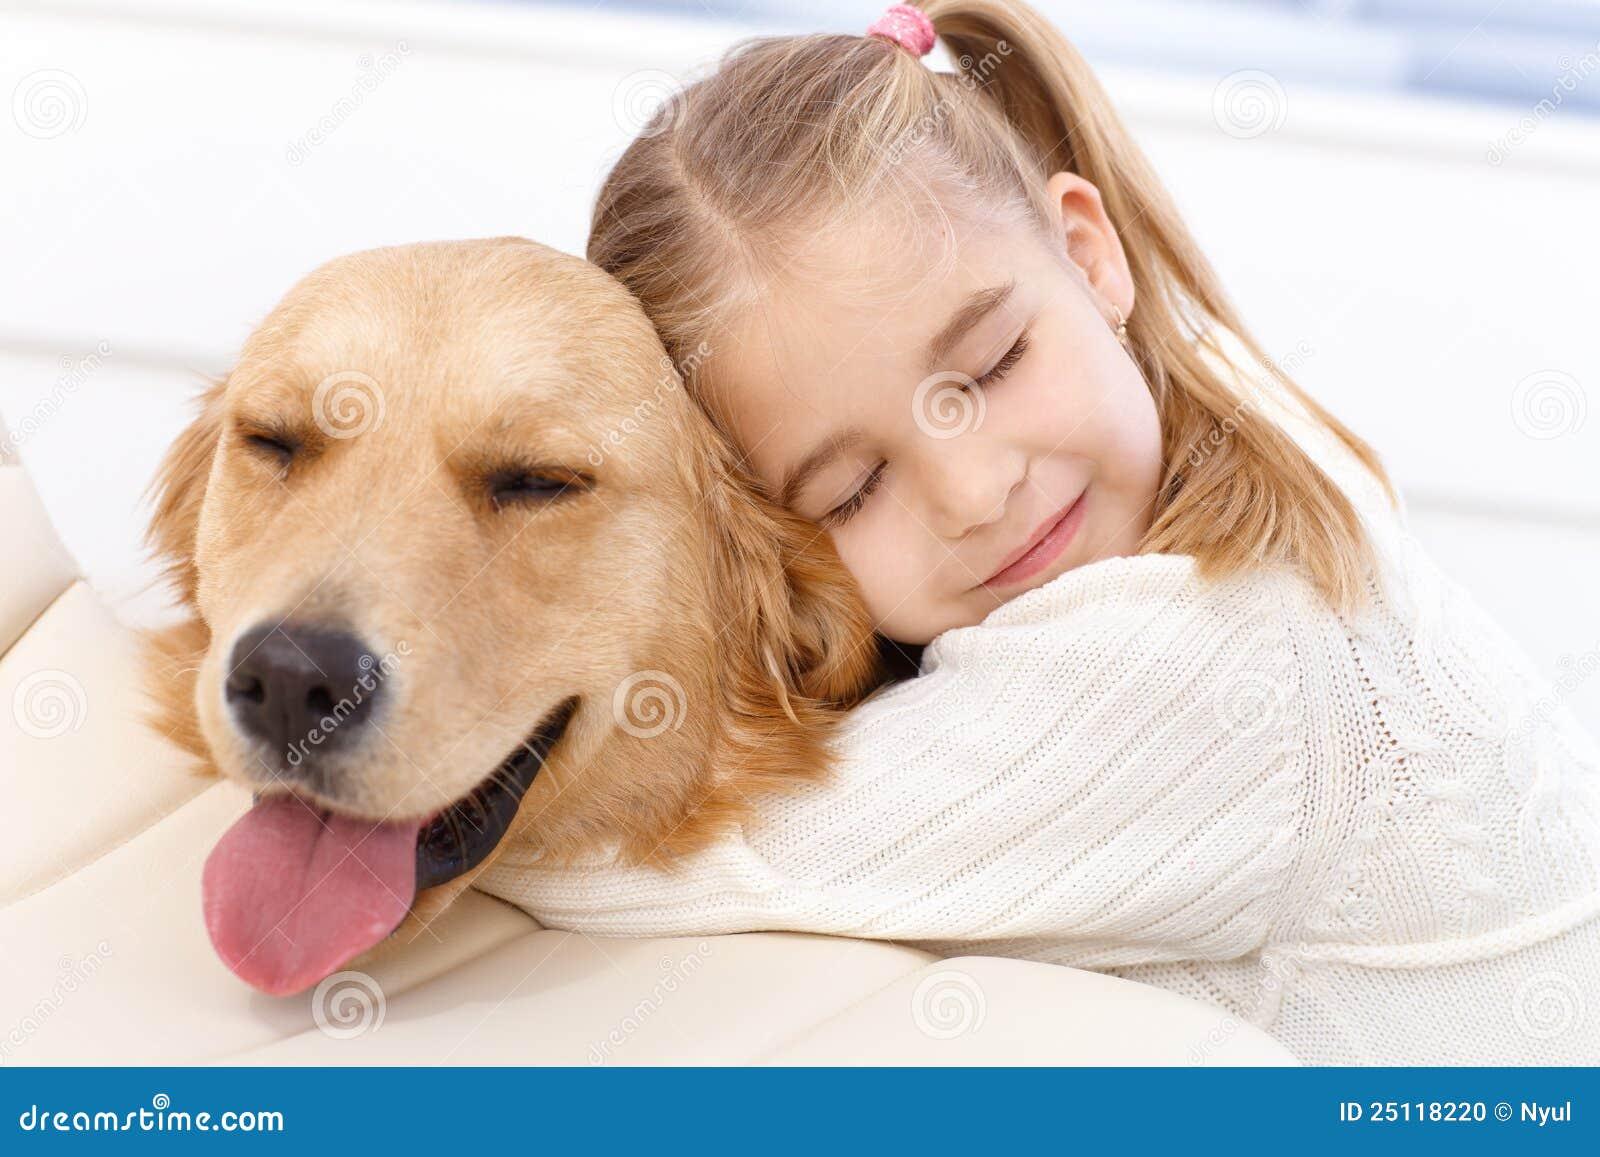 Hundflicka henne little älskvärt husdjur